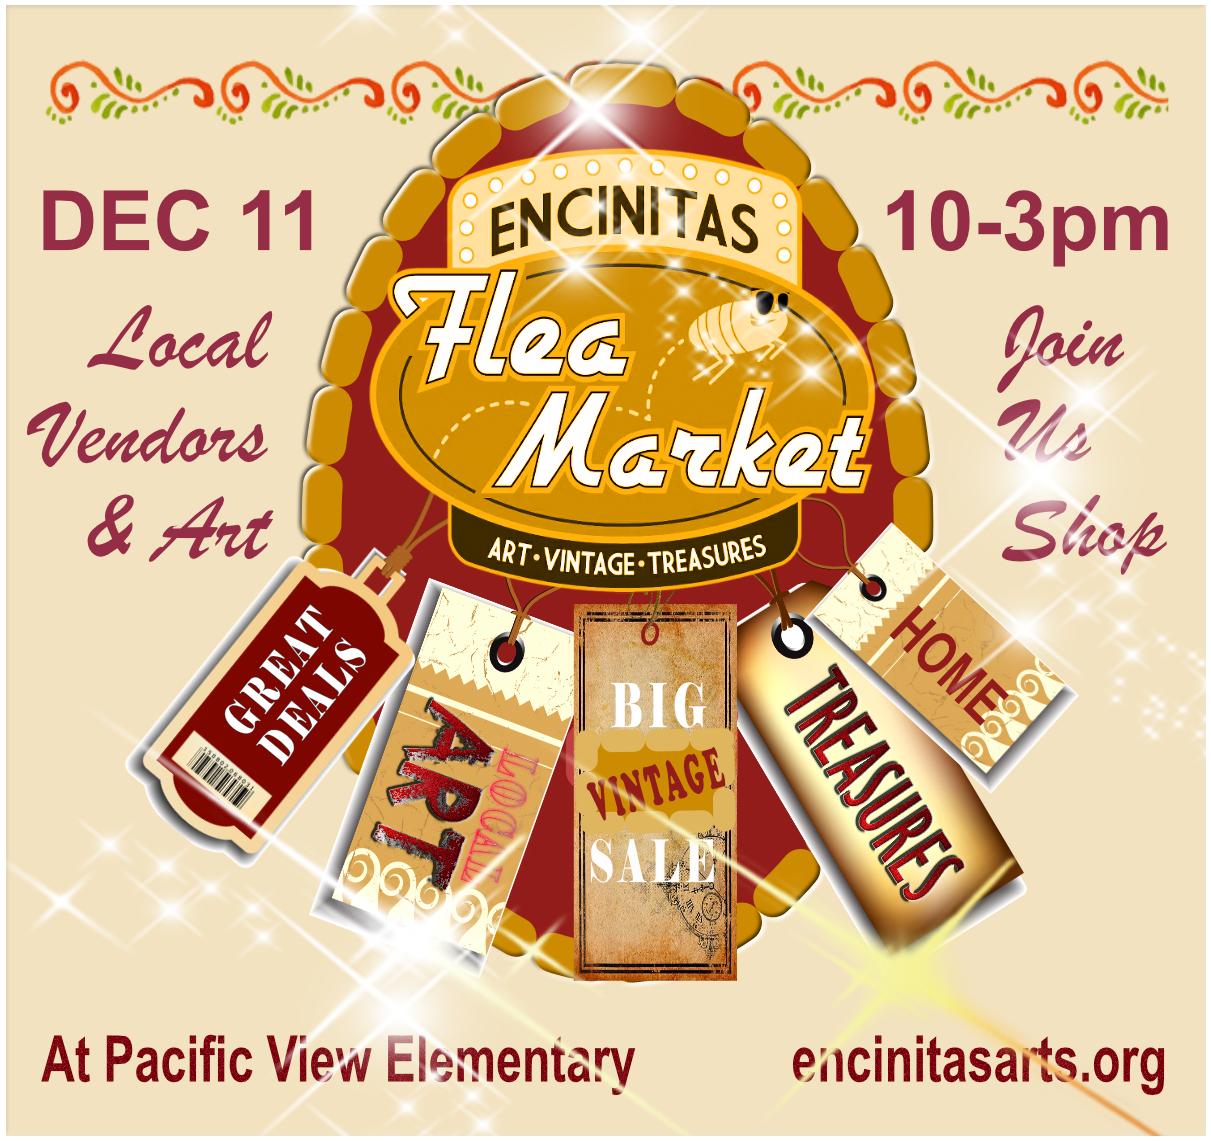 https://encinitasarts.org/events/encinitas-flea-market/